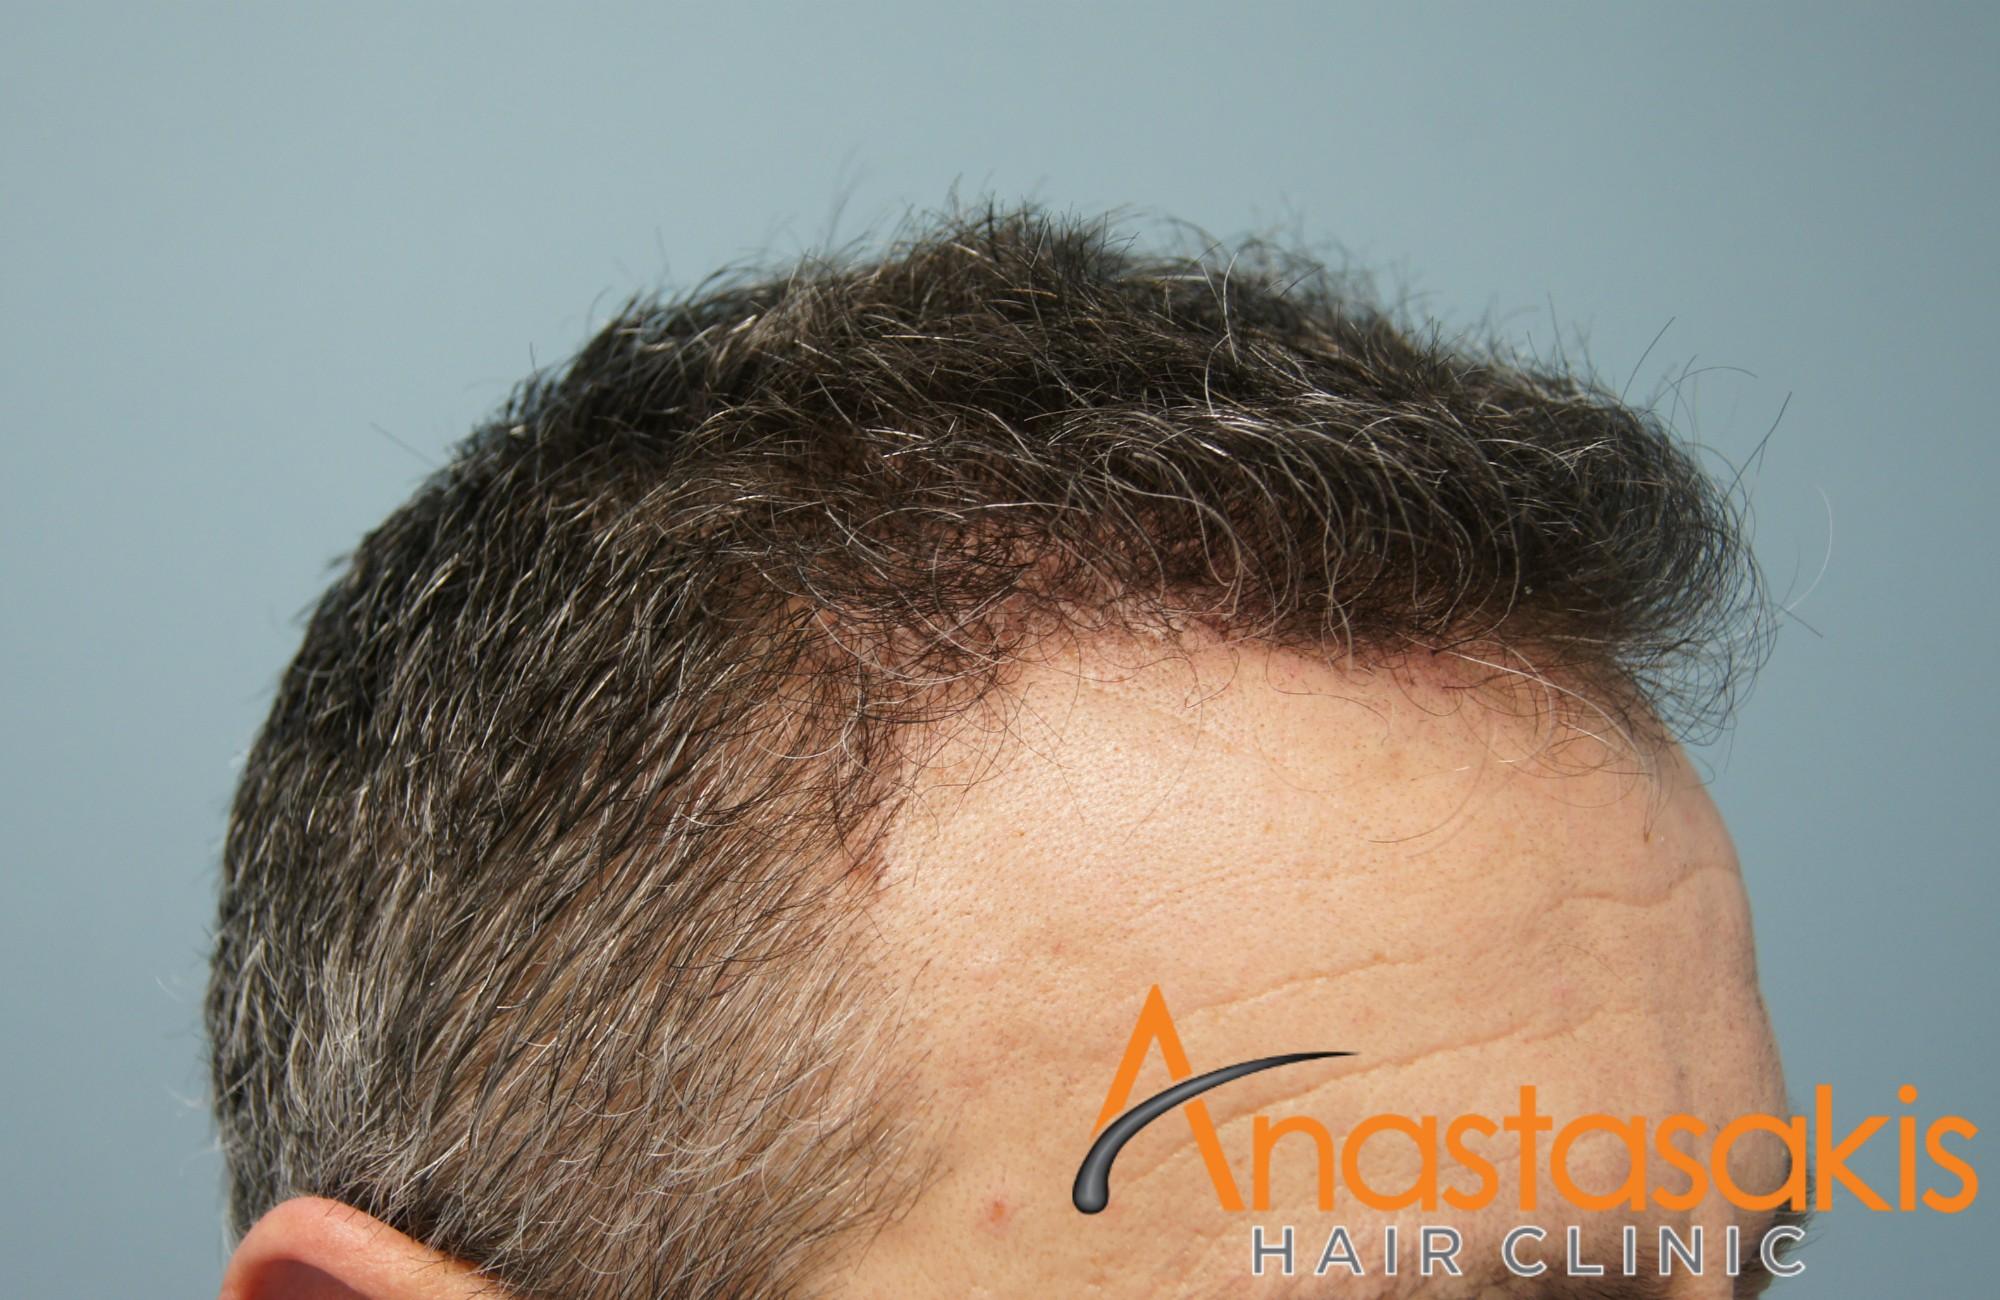 δεξης κροταφος 2 ασθενους μετα τη μεταμοσχευση μαλλιων με 2100 fus